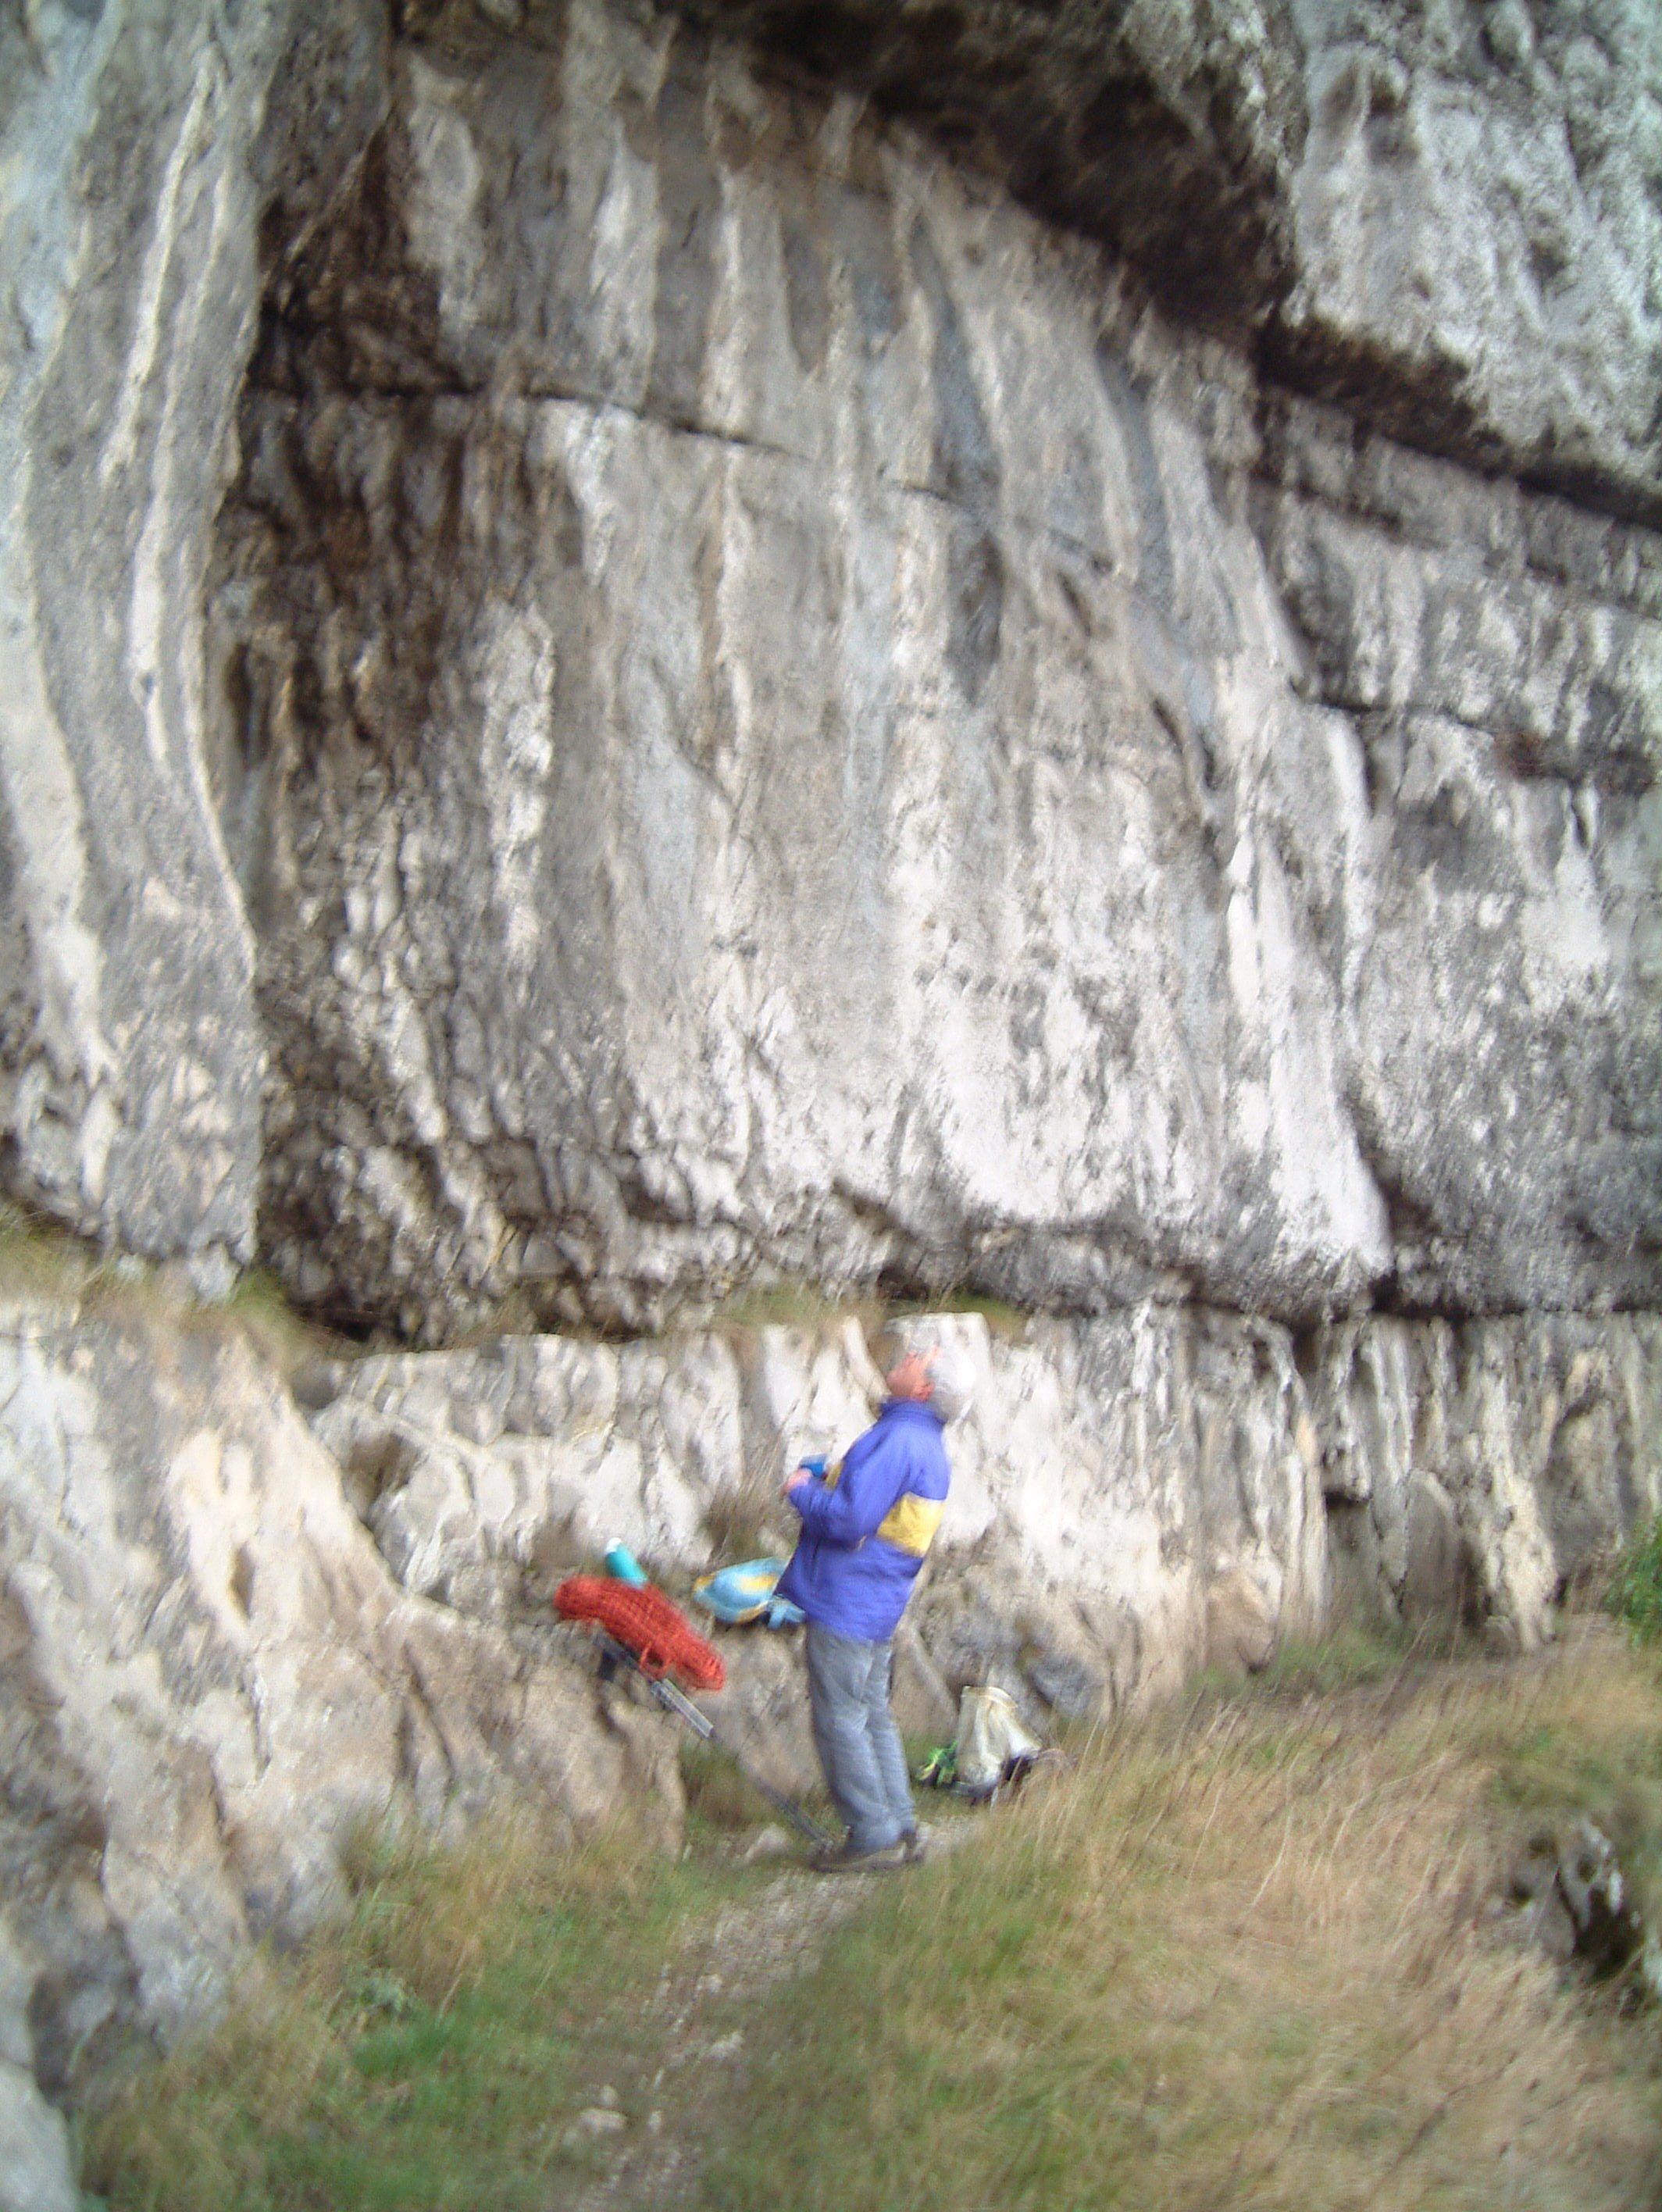 Joe Brown beneath Kink or Brown's Overhang as it was originally known. (Geoff Birtles)